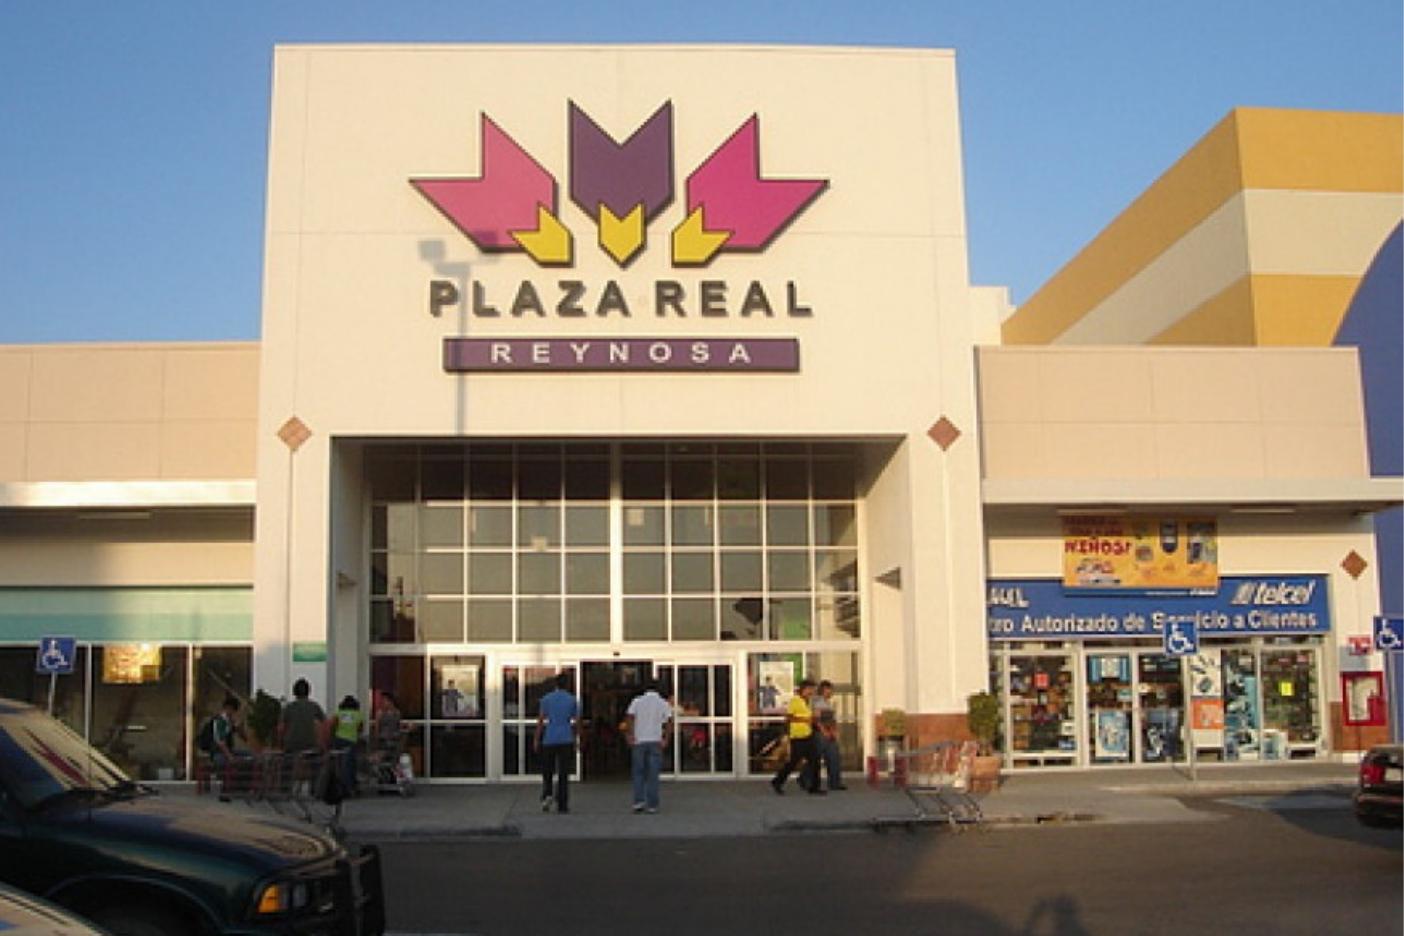 Espacios publicitarios en Plaza Real Reynosa